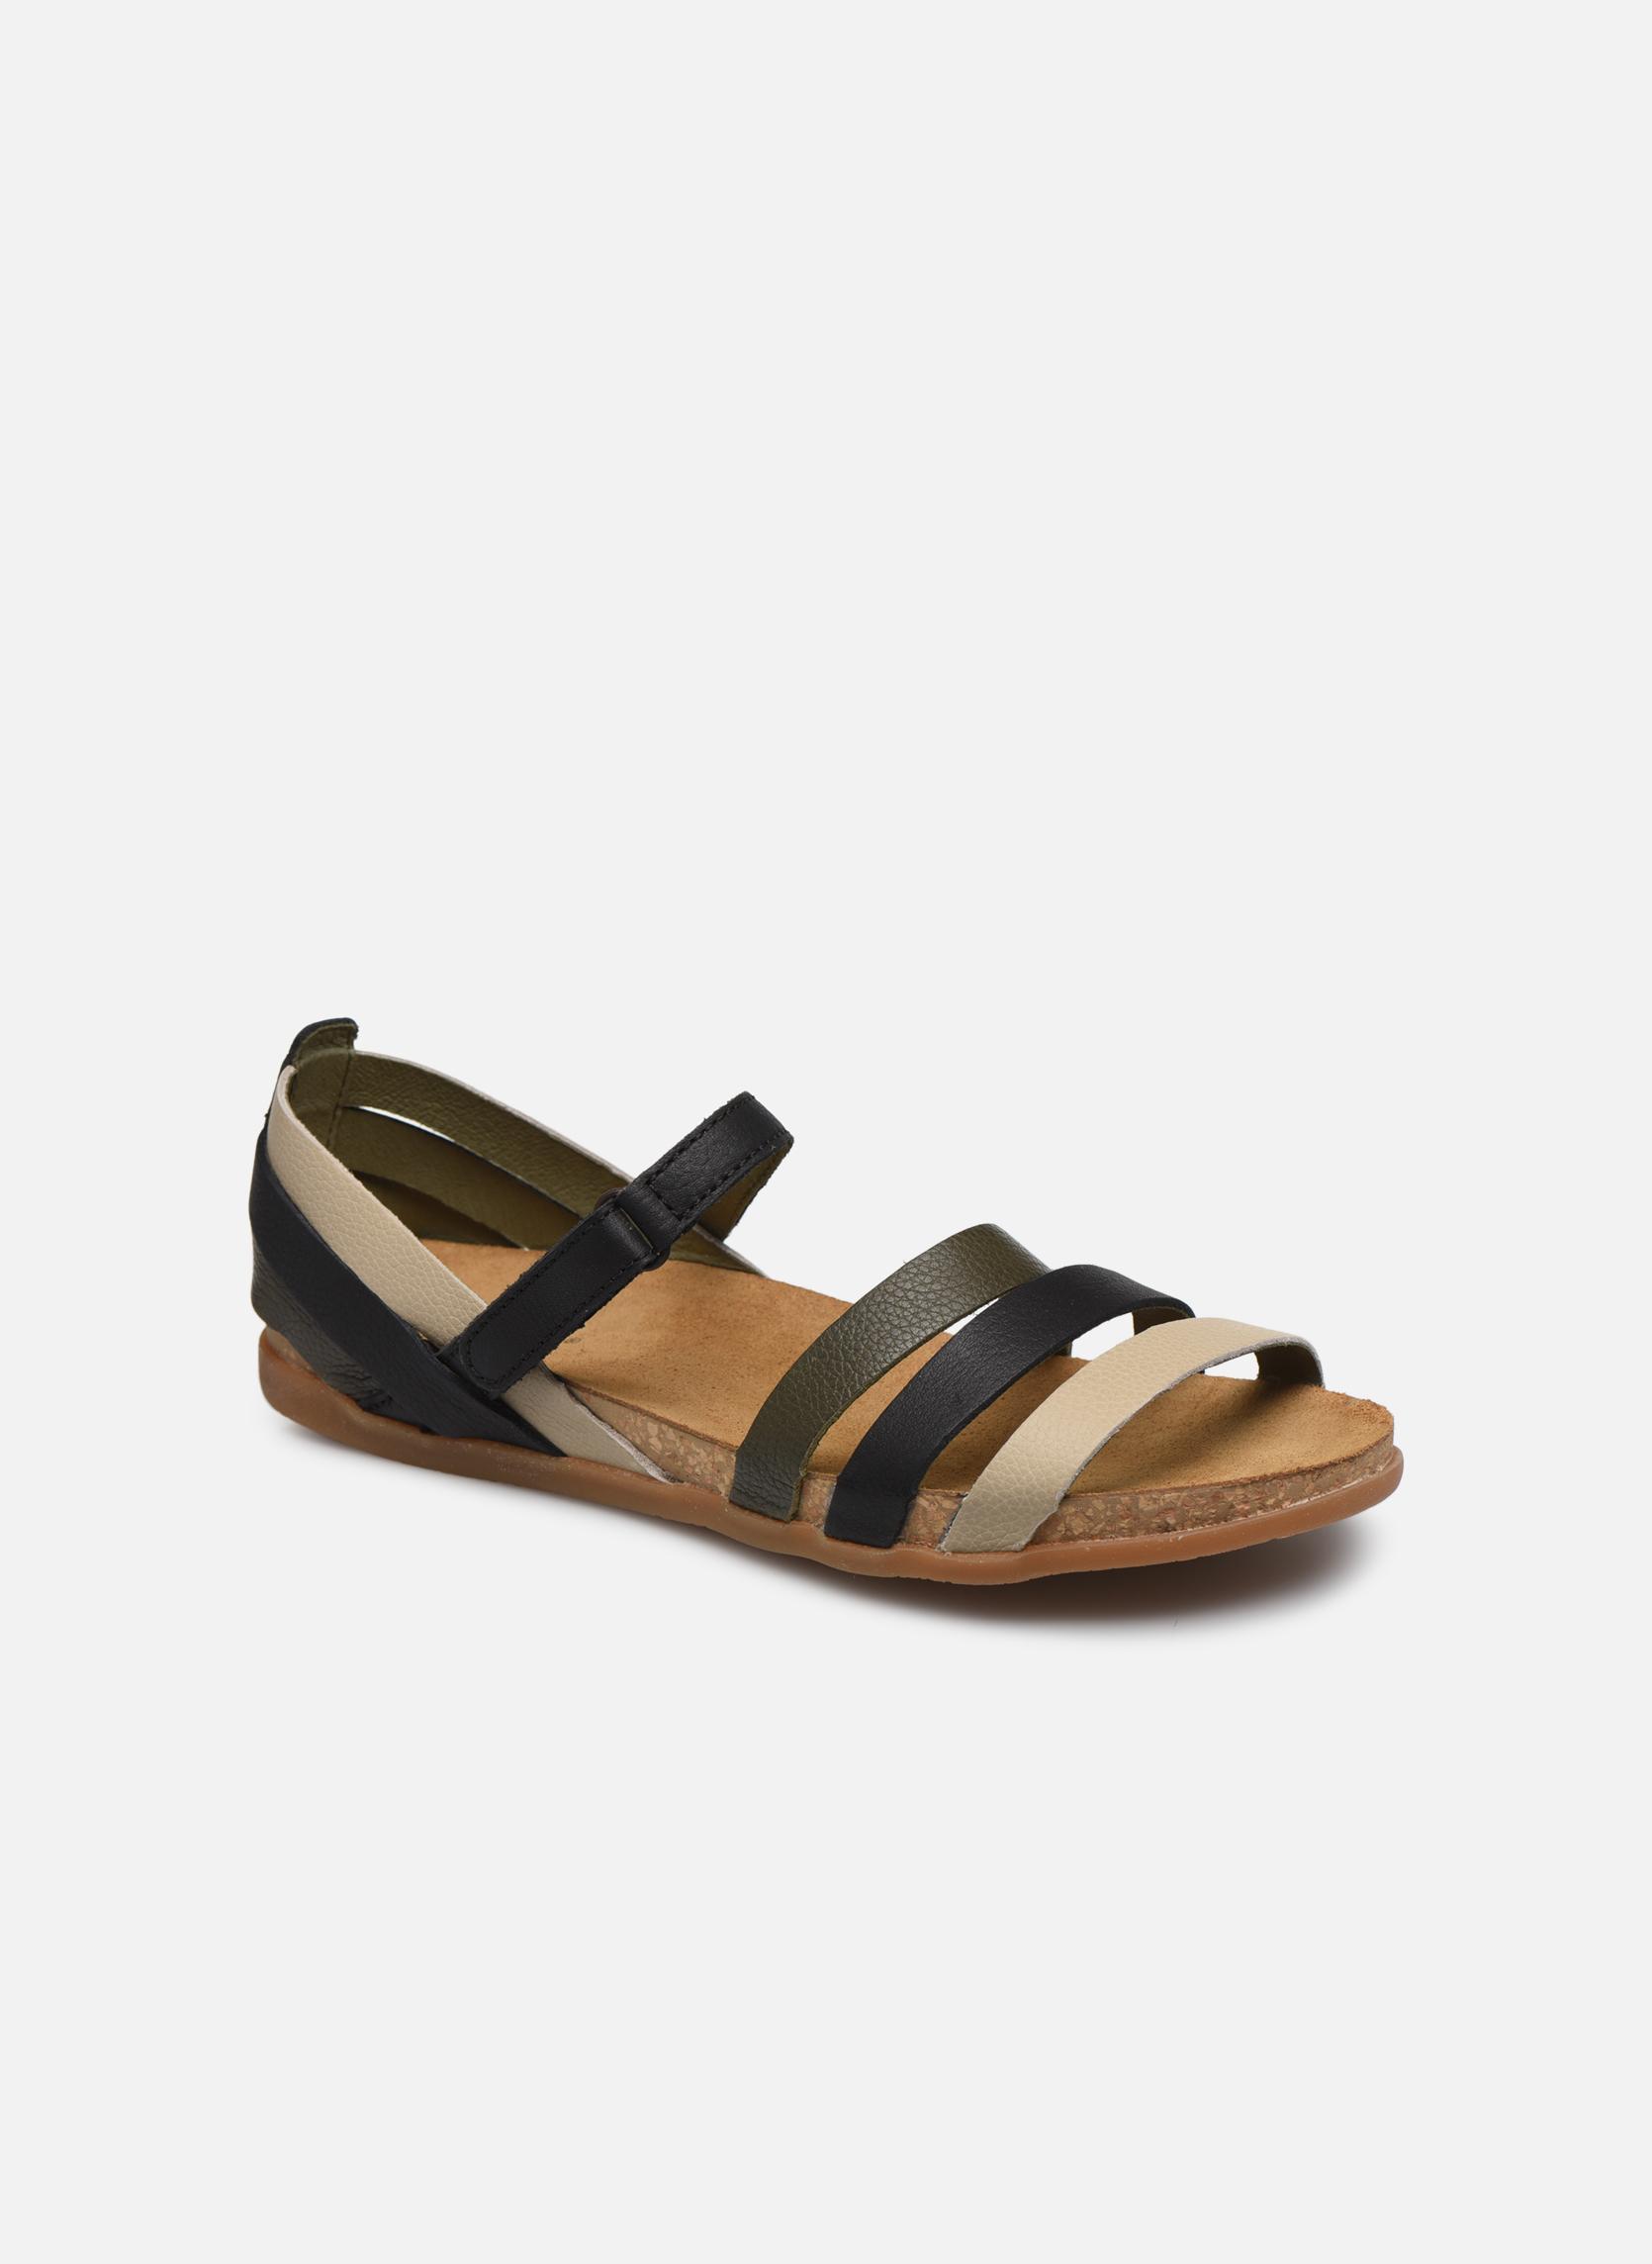 Zapatos de hombres y mujeres de moda casual El Naturalista Zumaia NF42 (Negro) - Sandalias en Más cómodo